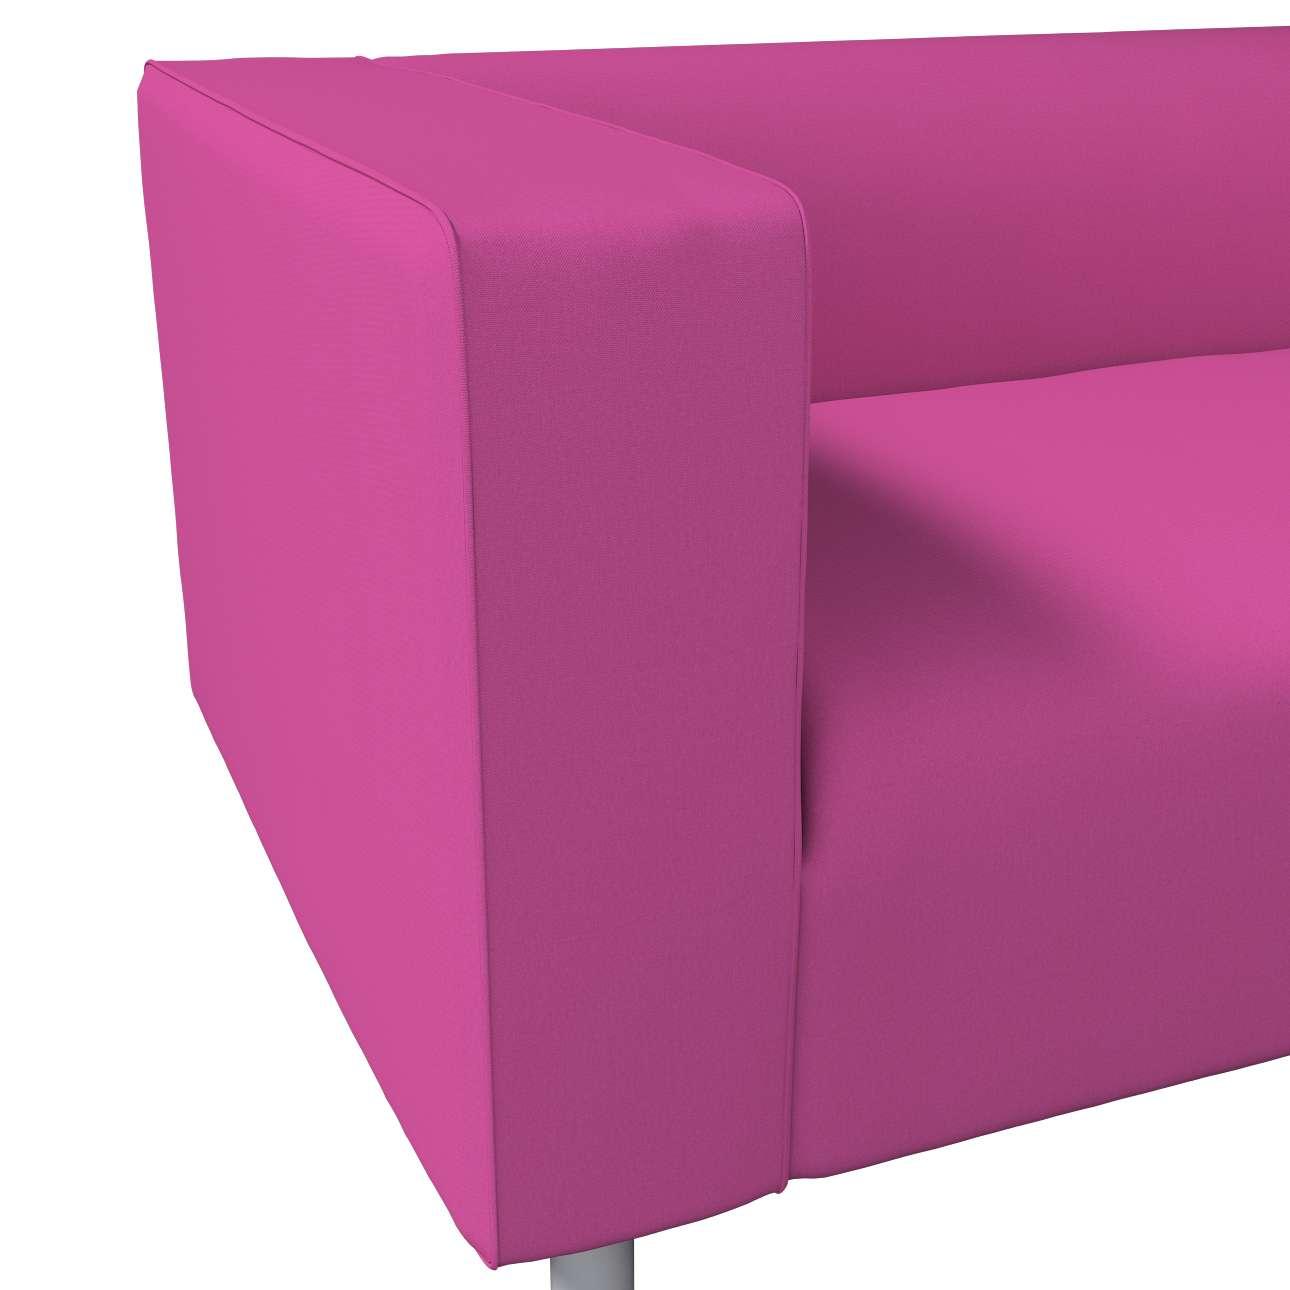 Pokrowiec na sofę Klippan 2-osobową w kolekcji Etna, tkanina: 705-23